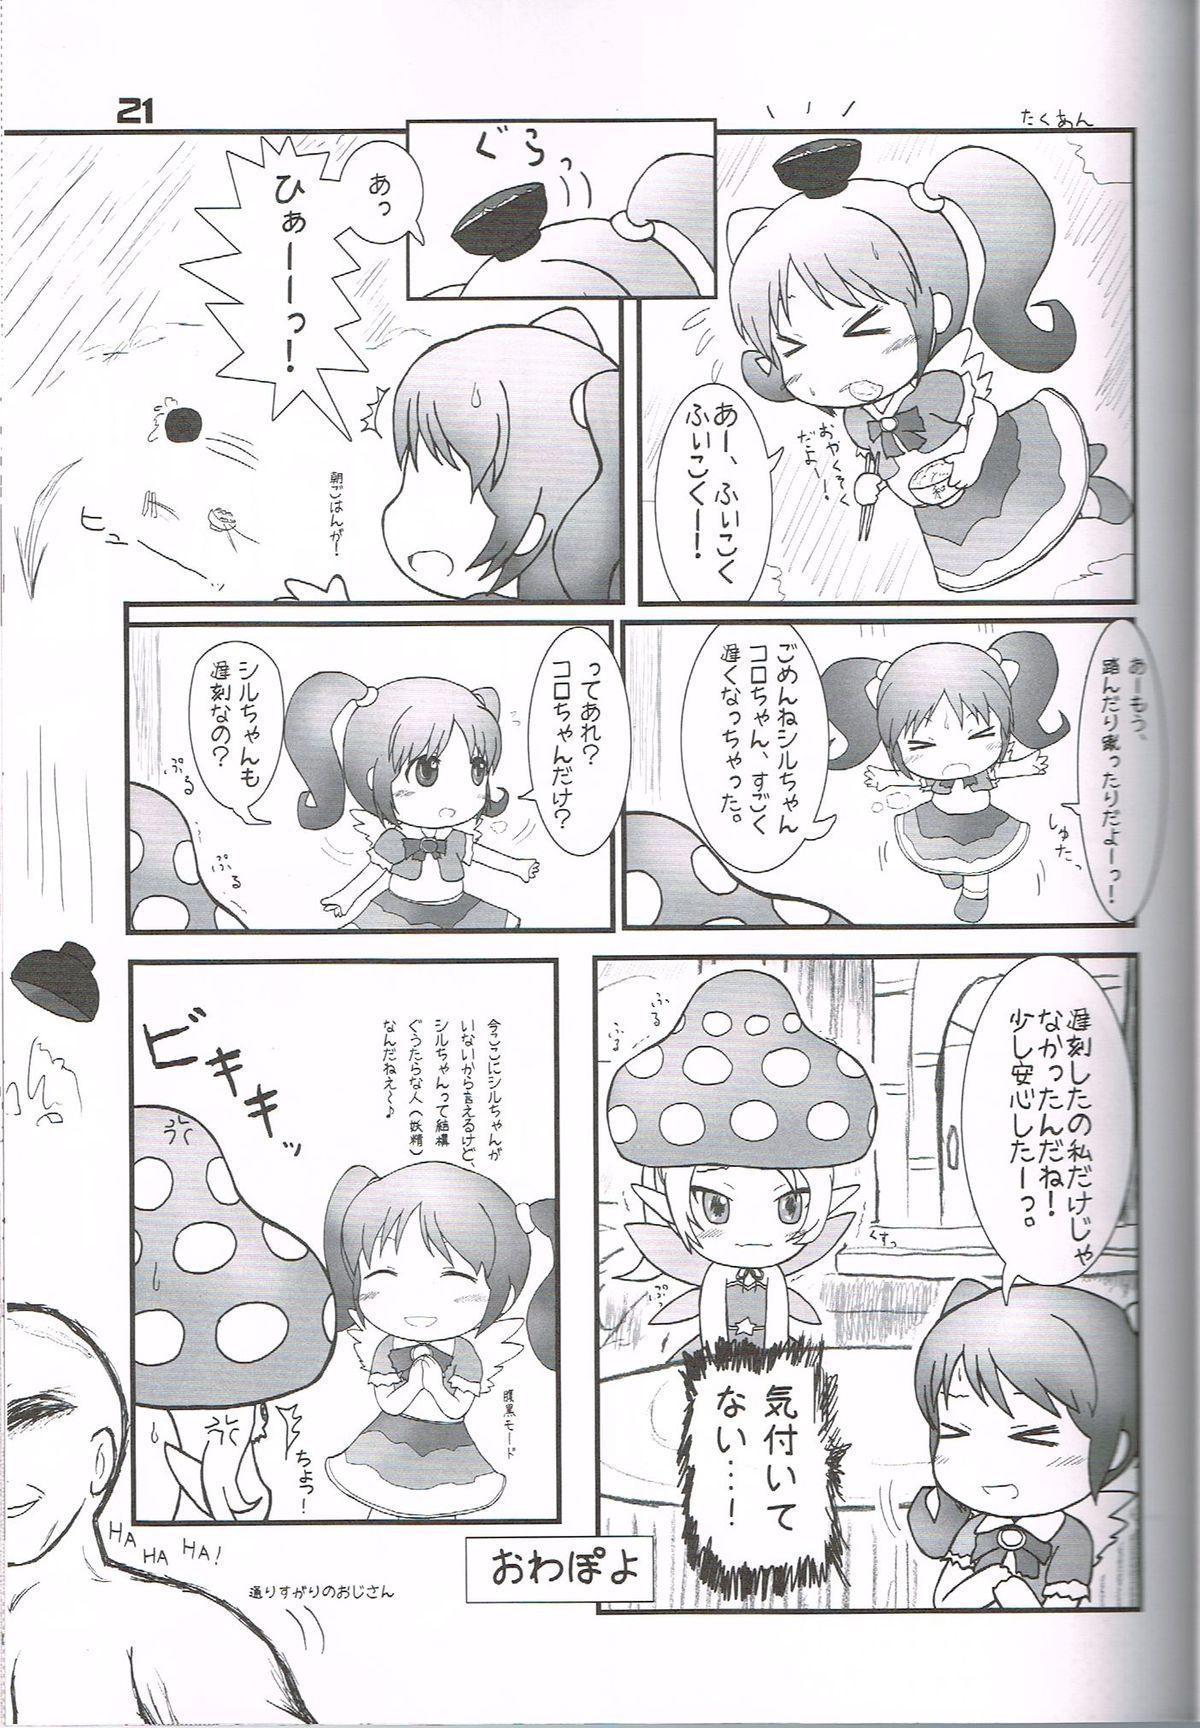 """Hatashite Konofuyu Nansatsu no Doujinshi ga """"○○ Fairies"""" Toiu Title Darouka 19"""